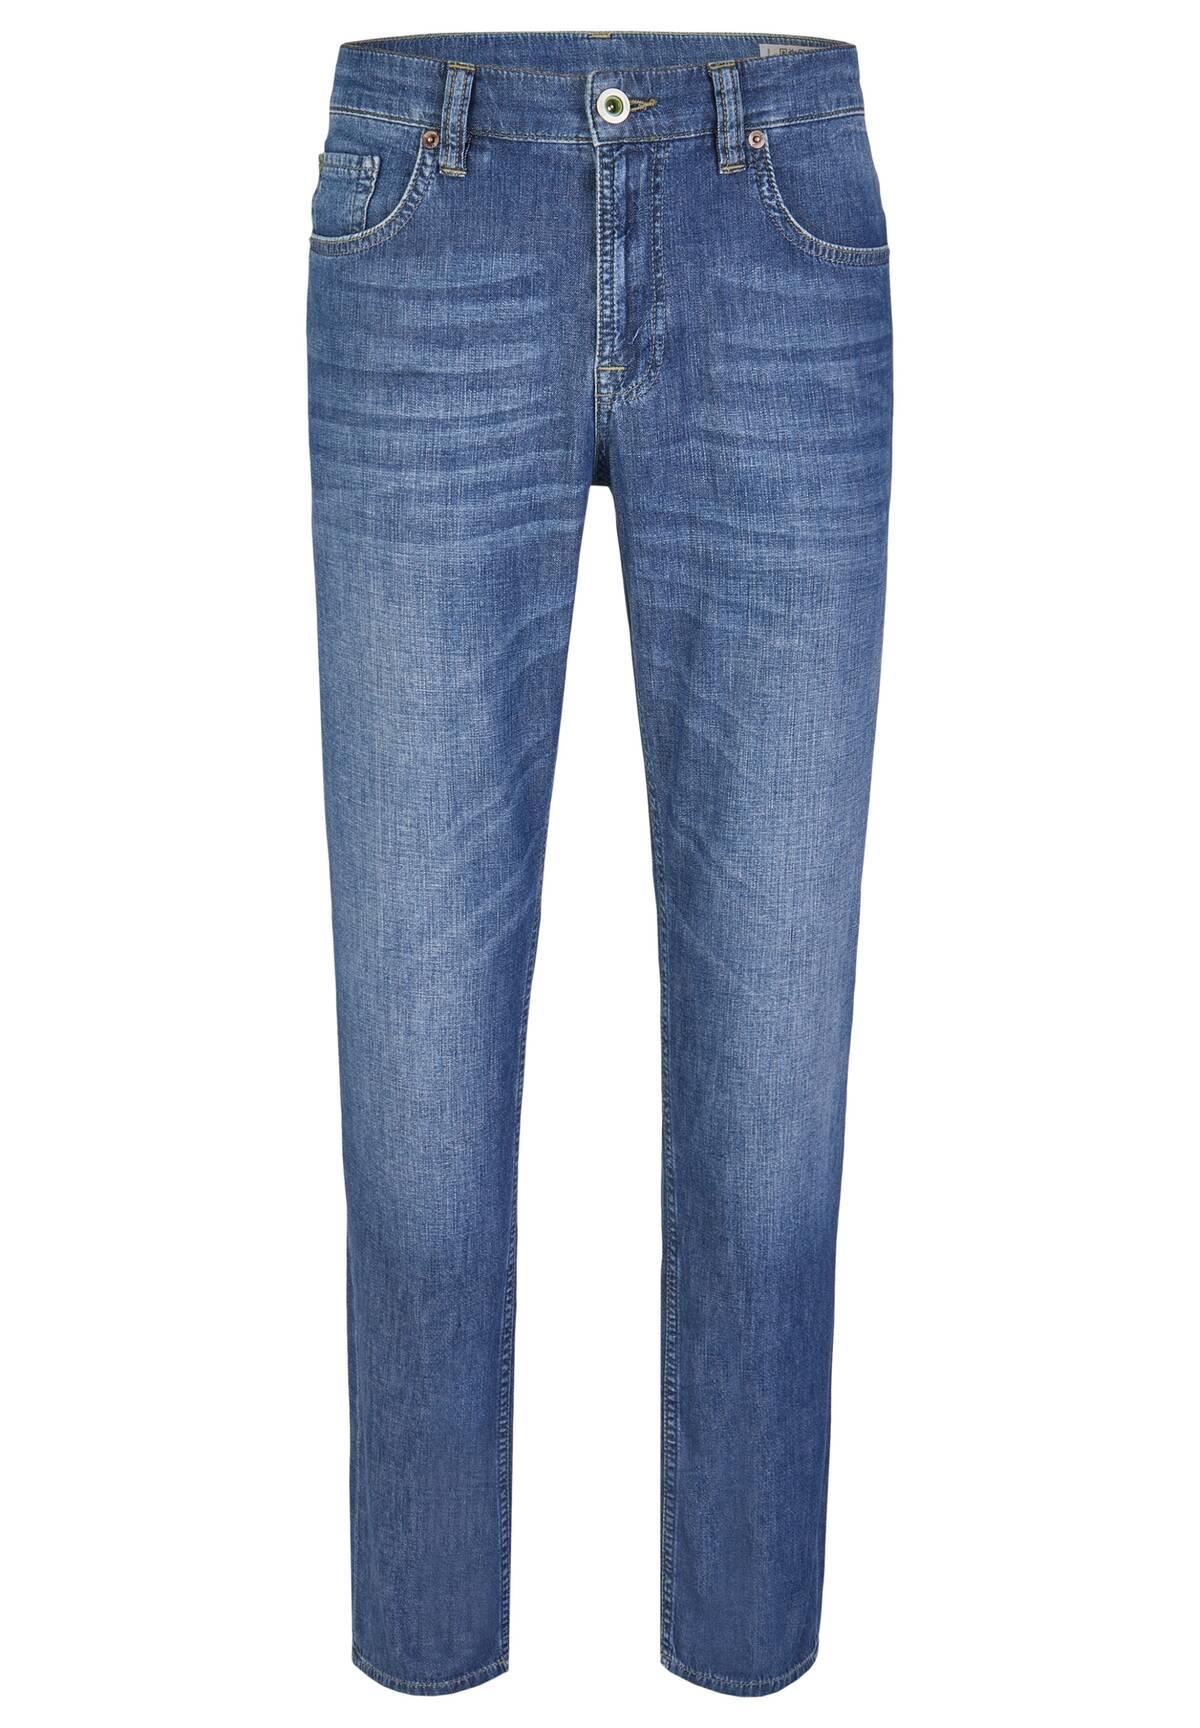 Jean 5 poches DH ECO /